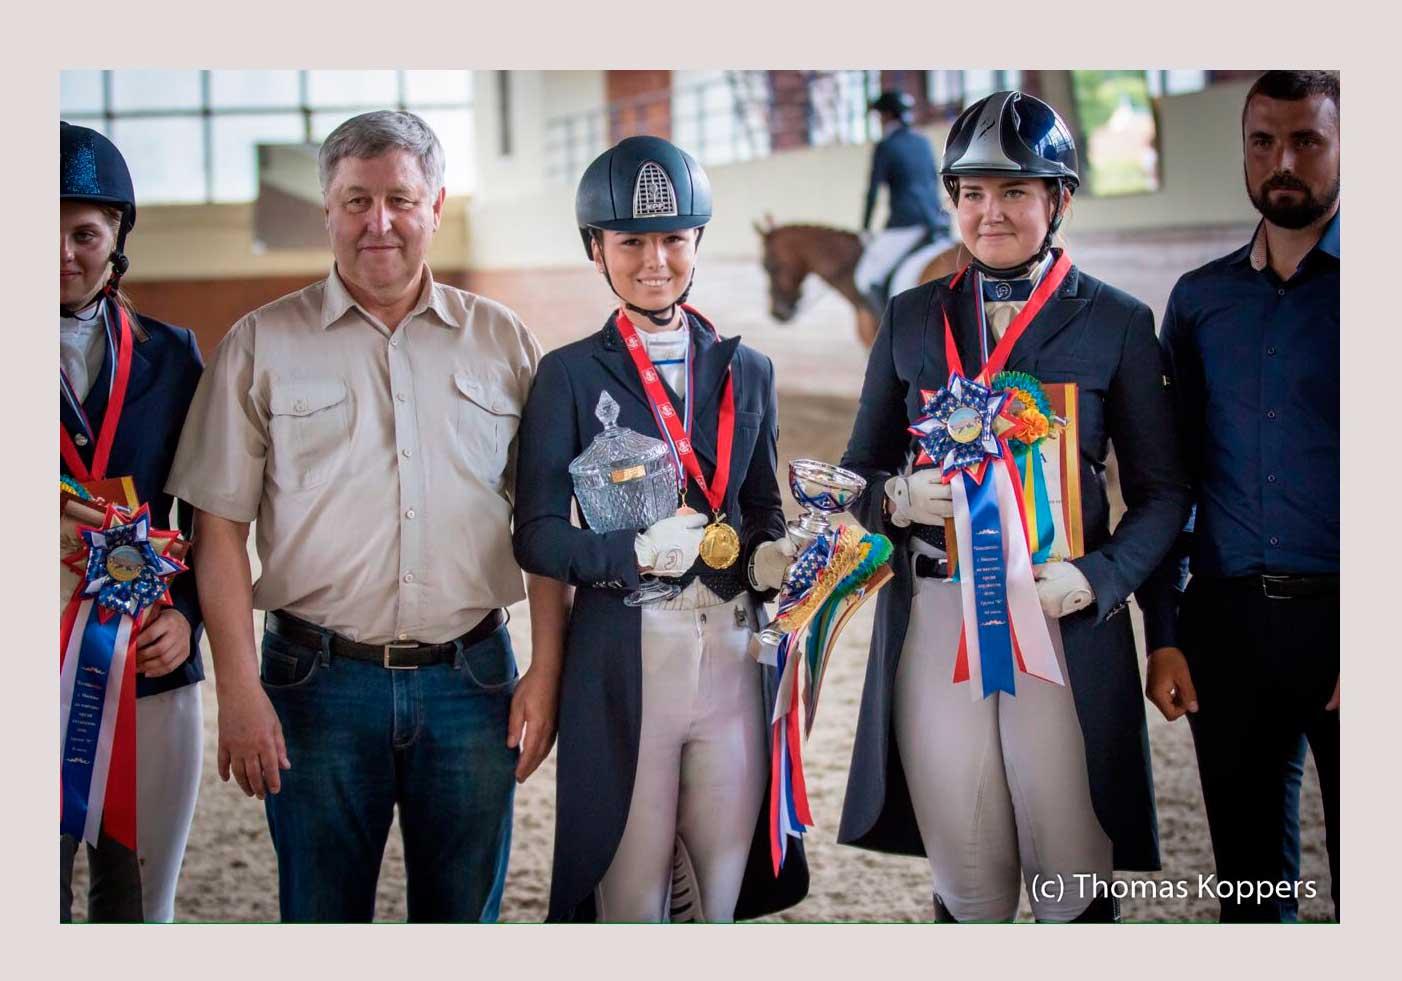 Студентка РАНХиГС стала судьей 2-ой категории в конном спорте